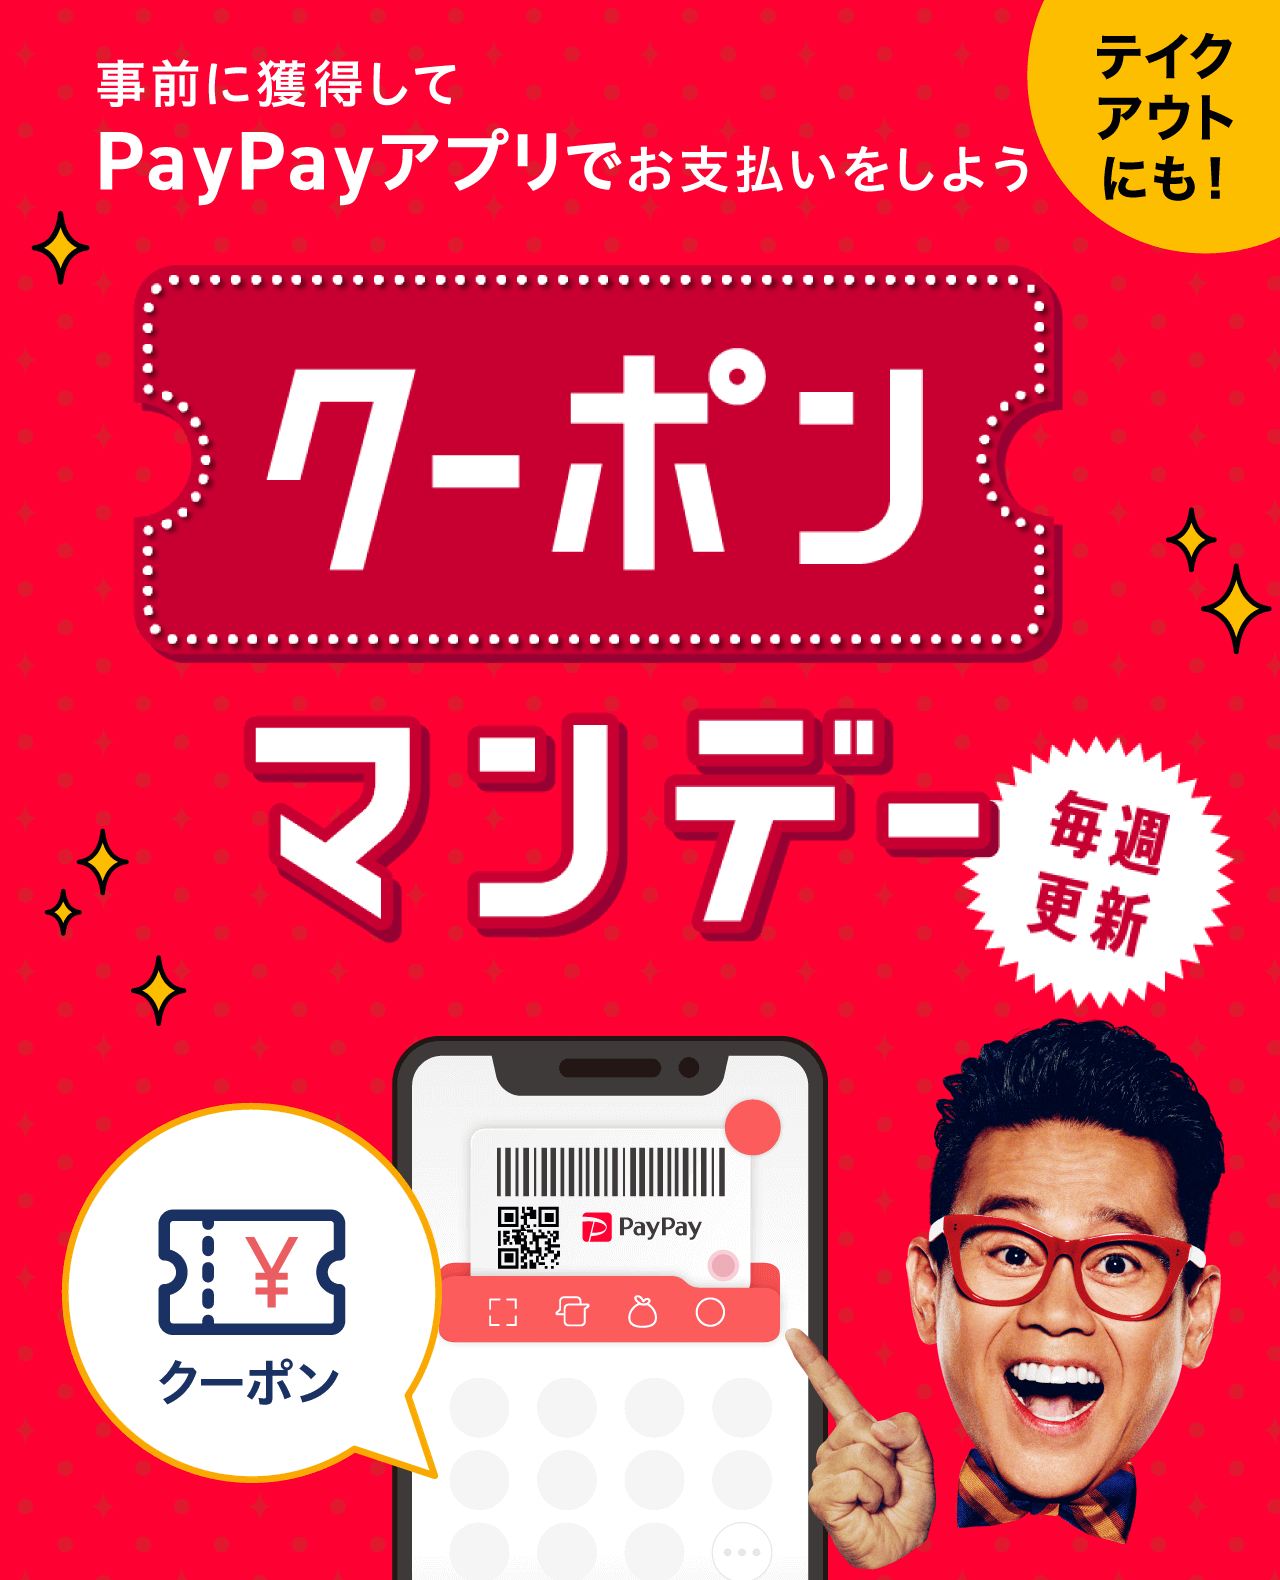 事前に獲得してPayPayアプリでお支払いをしよう クーポンマンデー!毎週更新